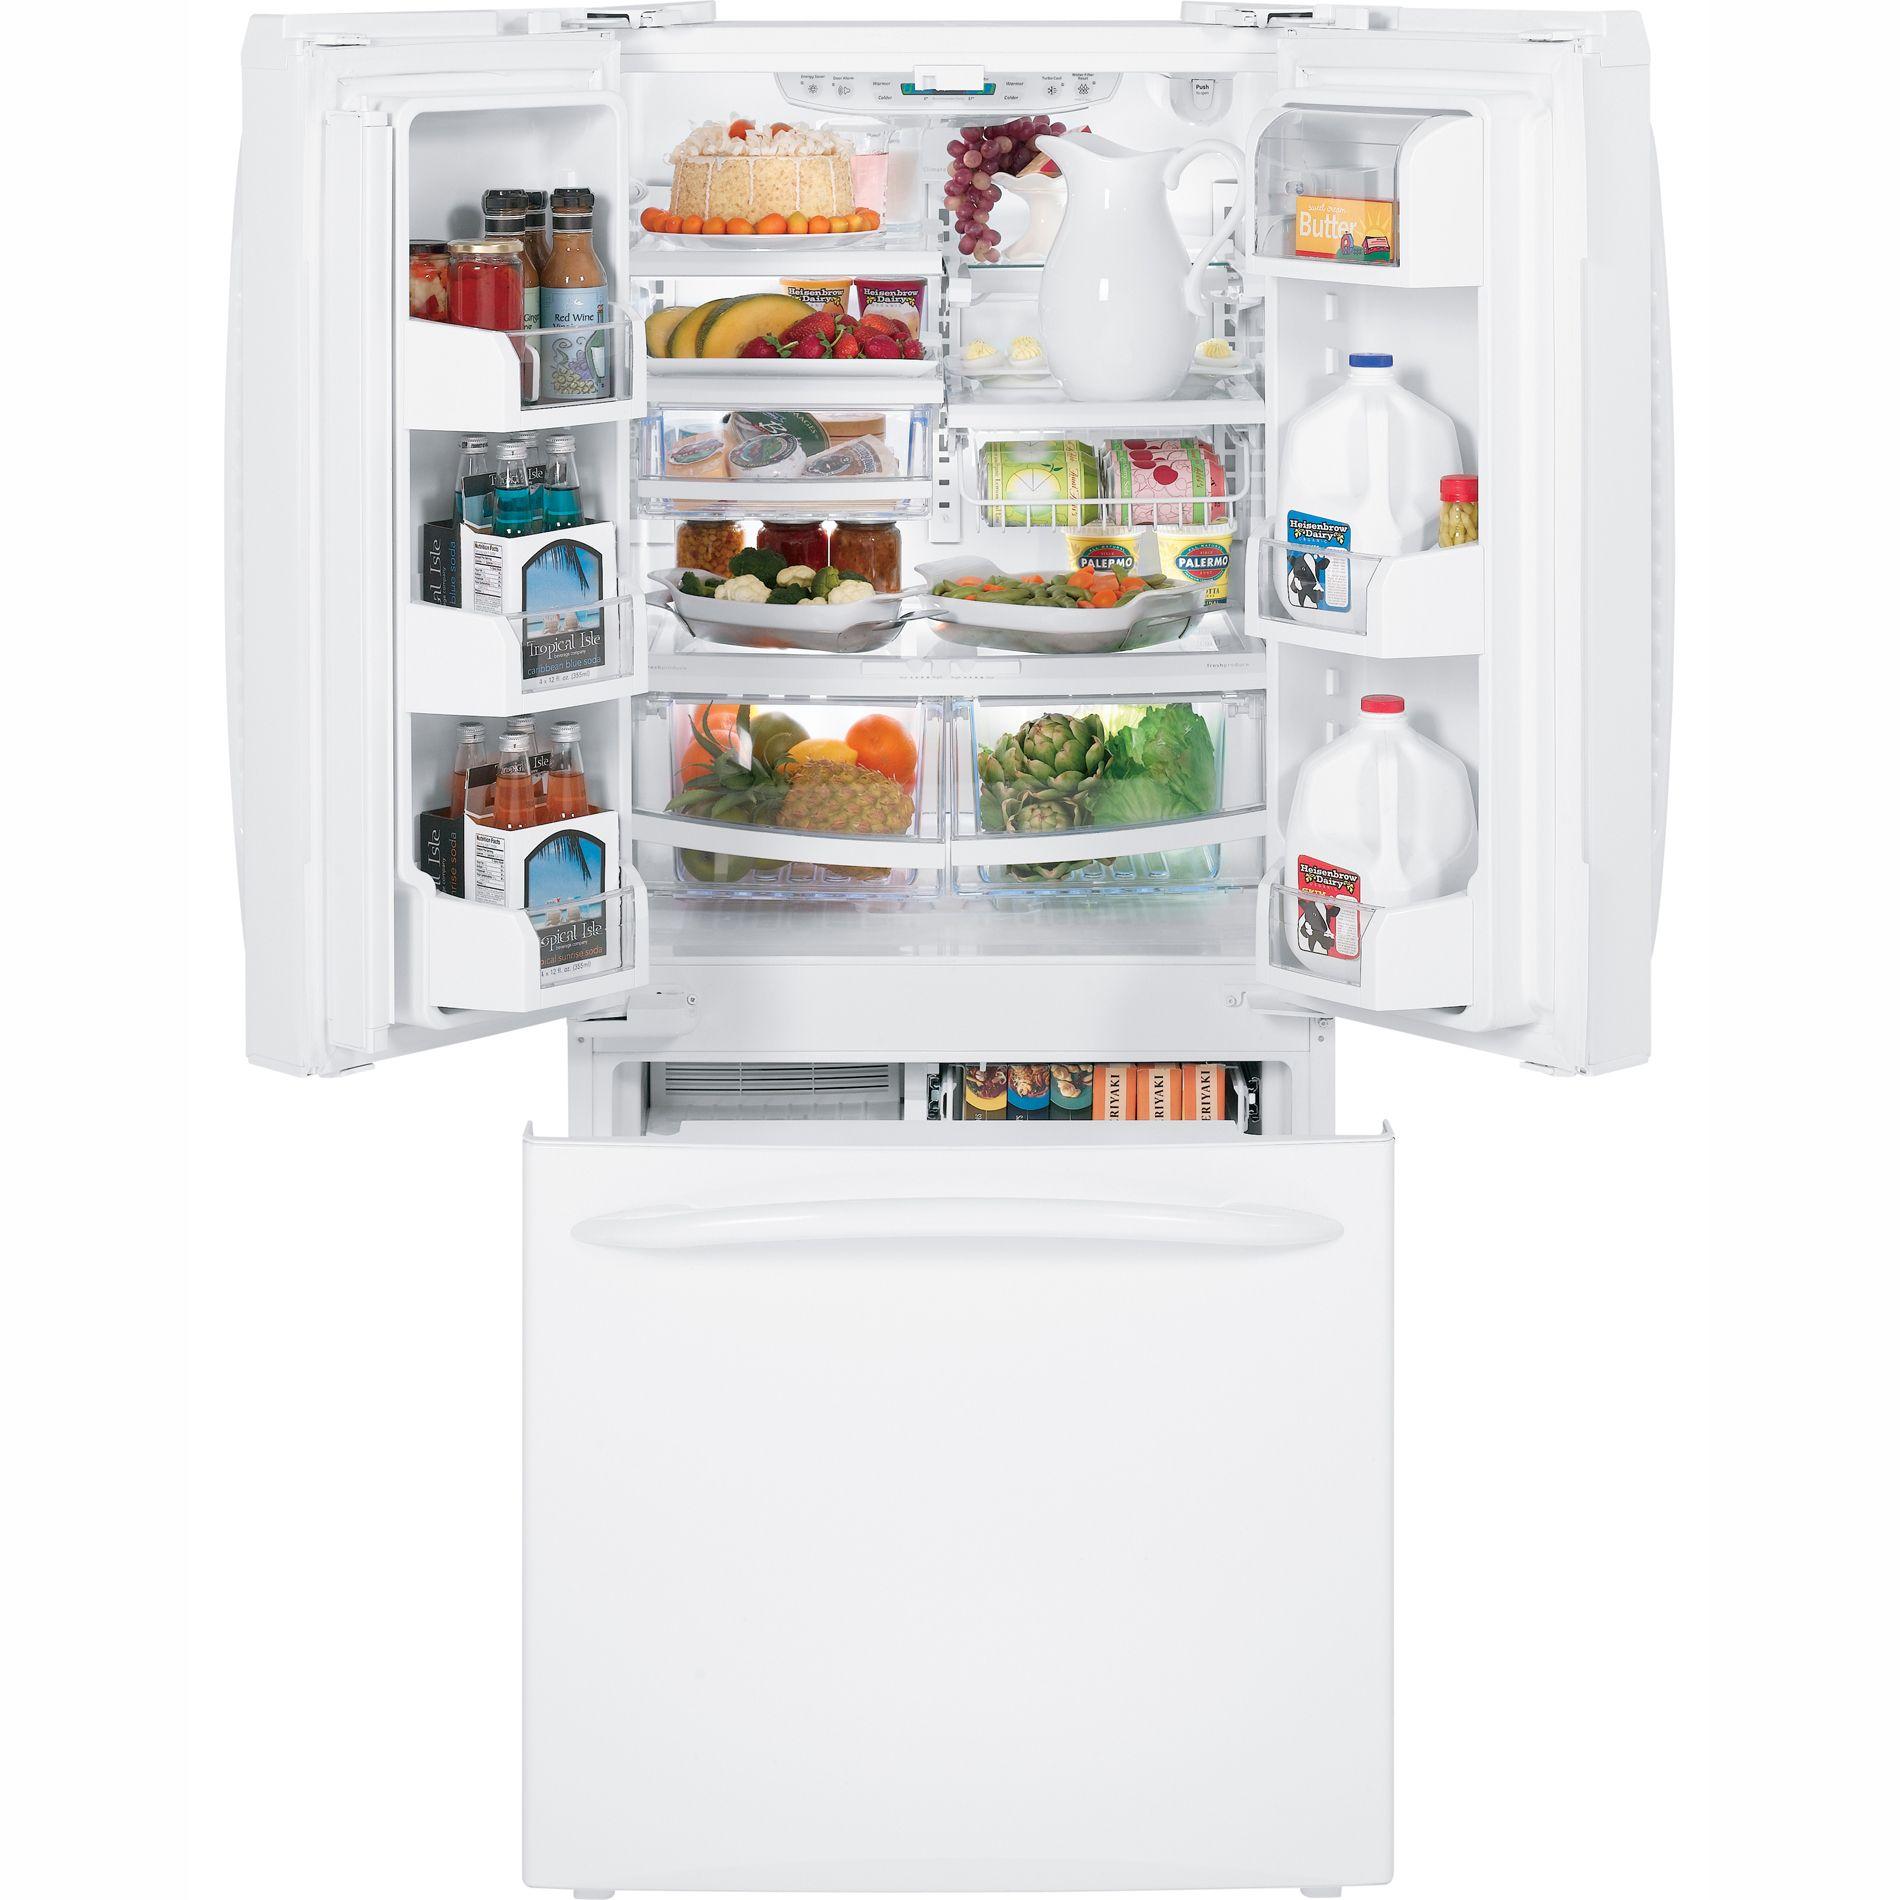 GE 19.5 cu. ft. French-Door Bottom-Freezer Refrigerator